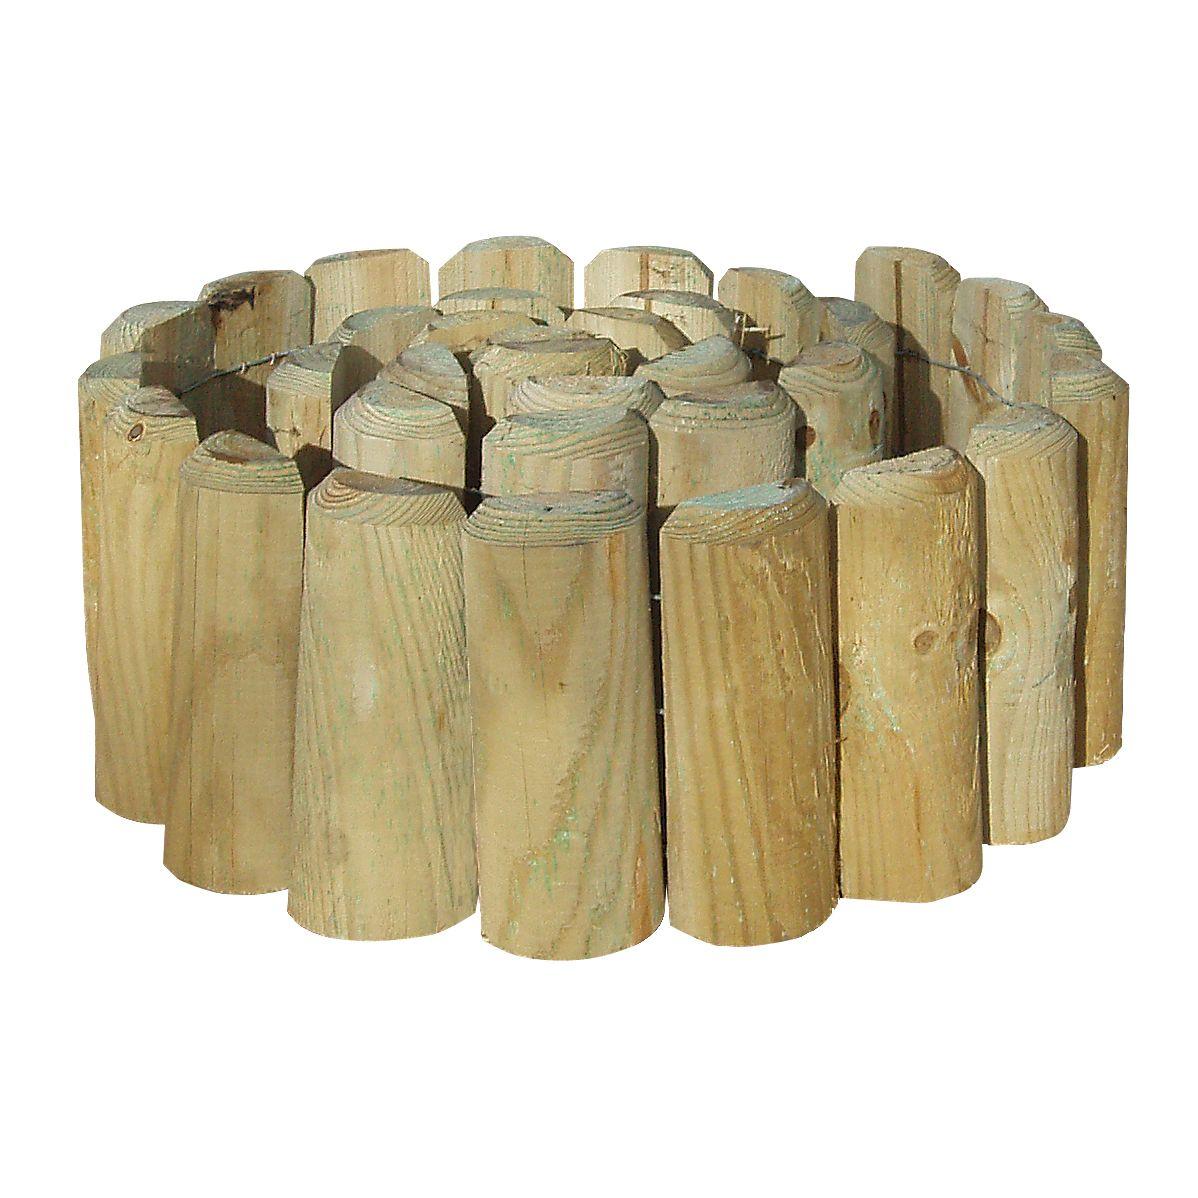 grange timber log edging pack of 1 departments diy at b q. Black Bedroom Furniture Sets. Home Design Ideas